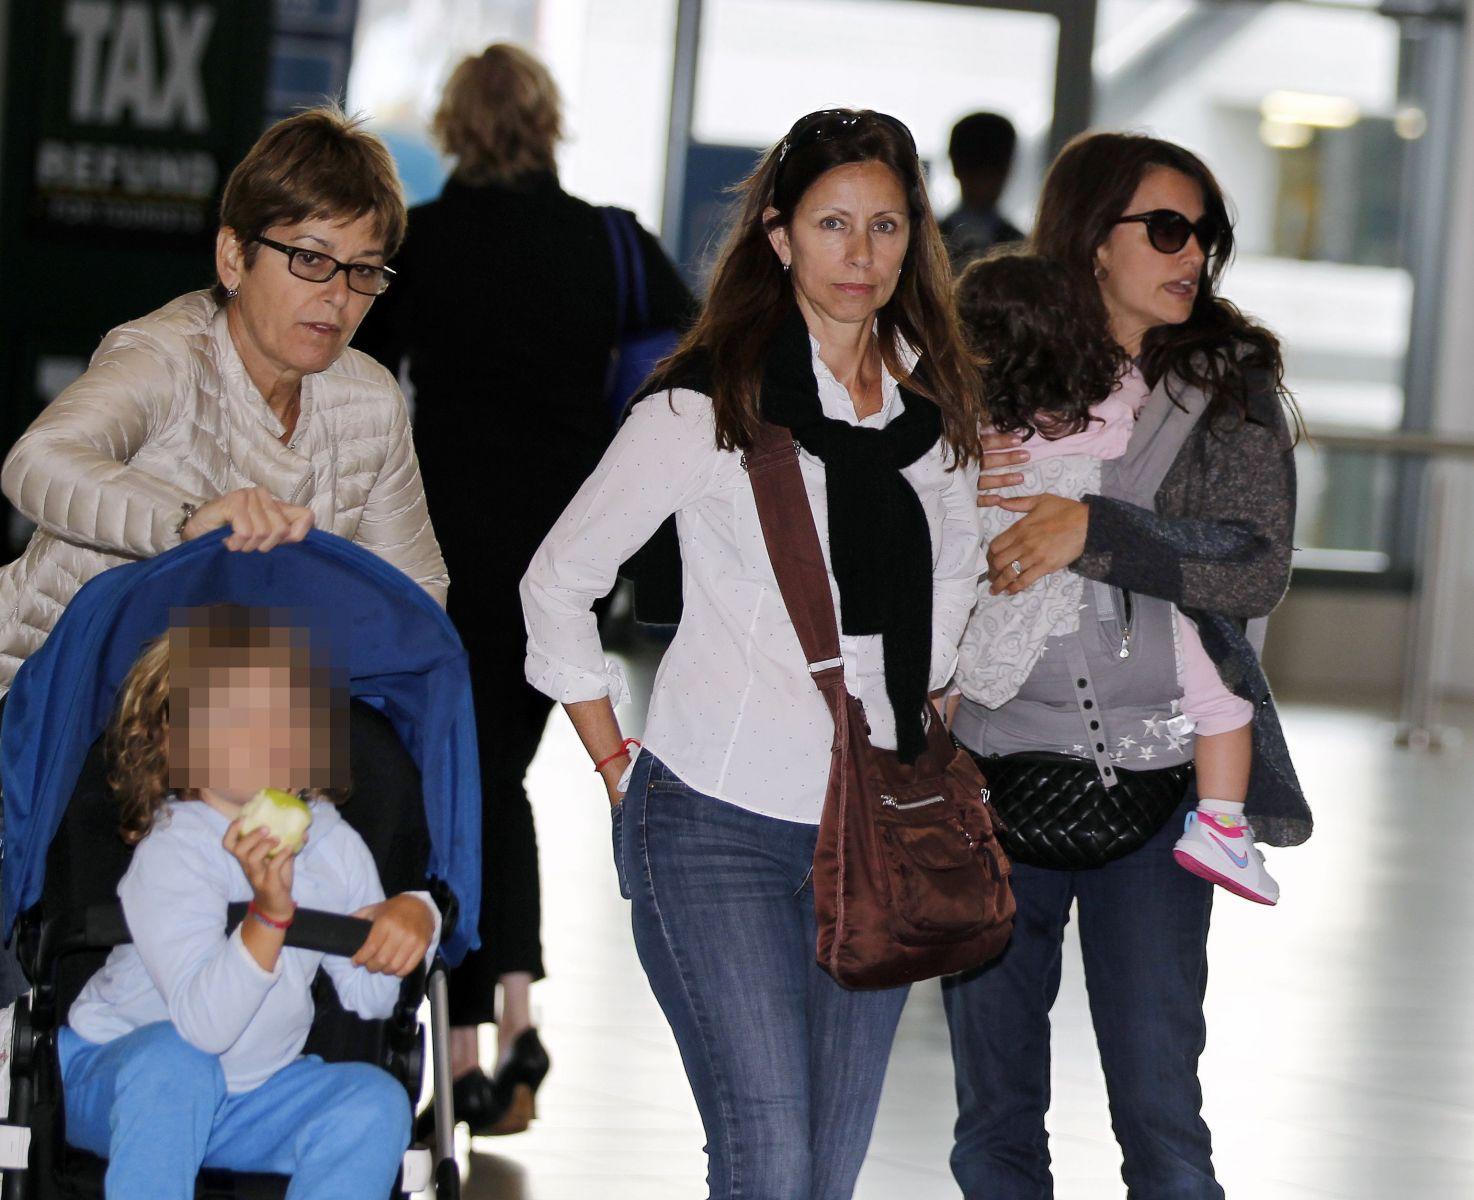 Пенелопа Крус появилась на публике со своими детьми